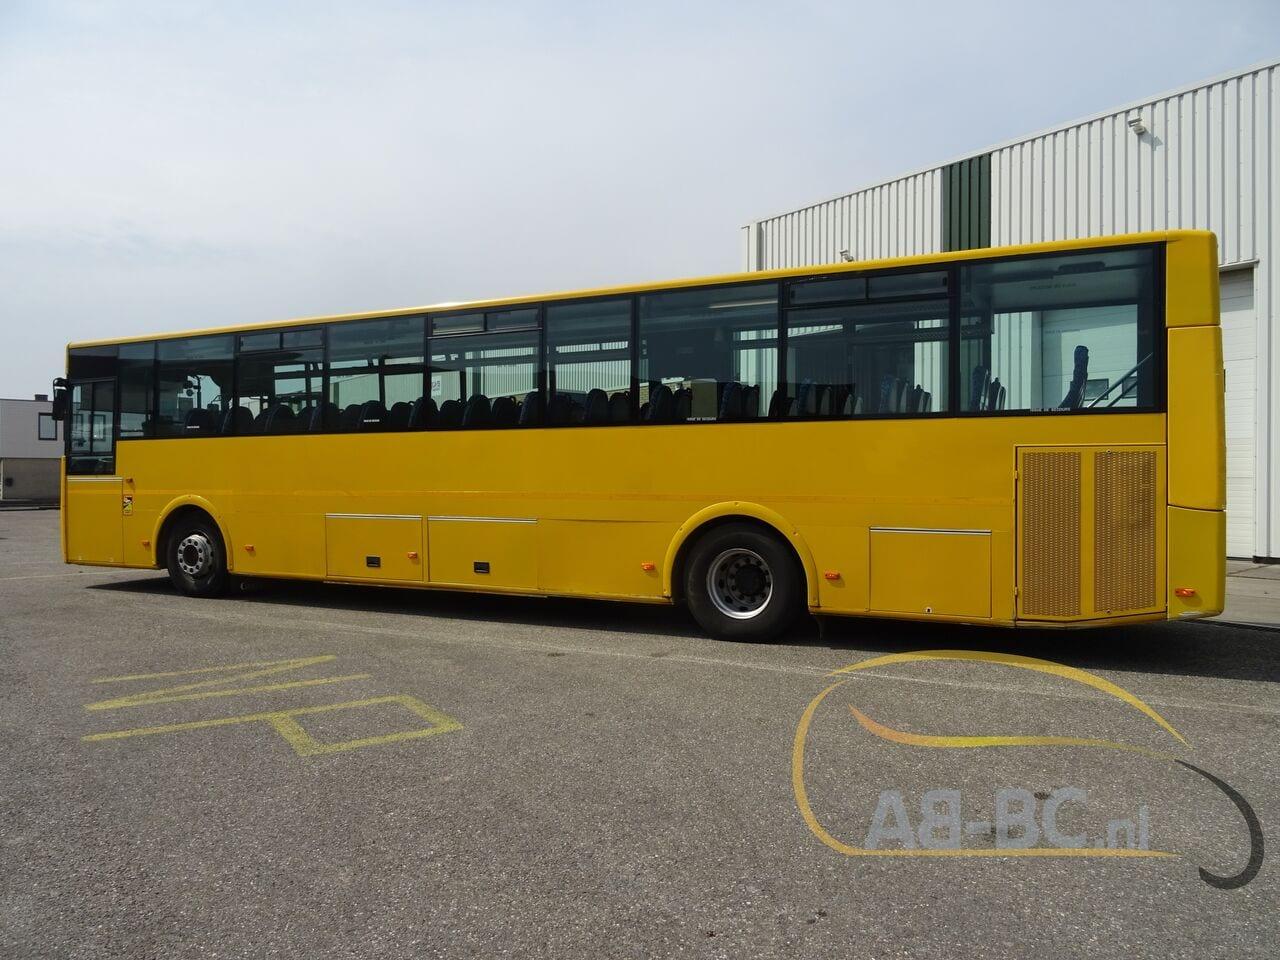 interurban-busMAN-Fast-64-seats---1619619712561586934_big_b4eac519fba47f40a619de2ec8a31983--21042817163019598600